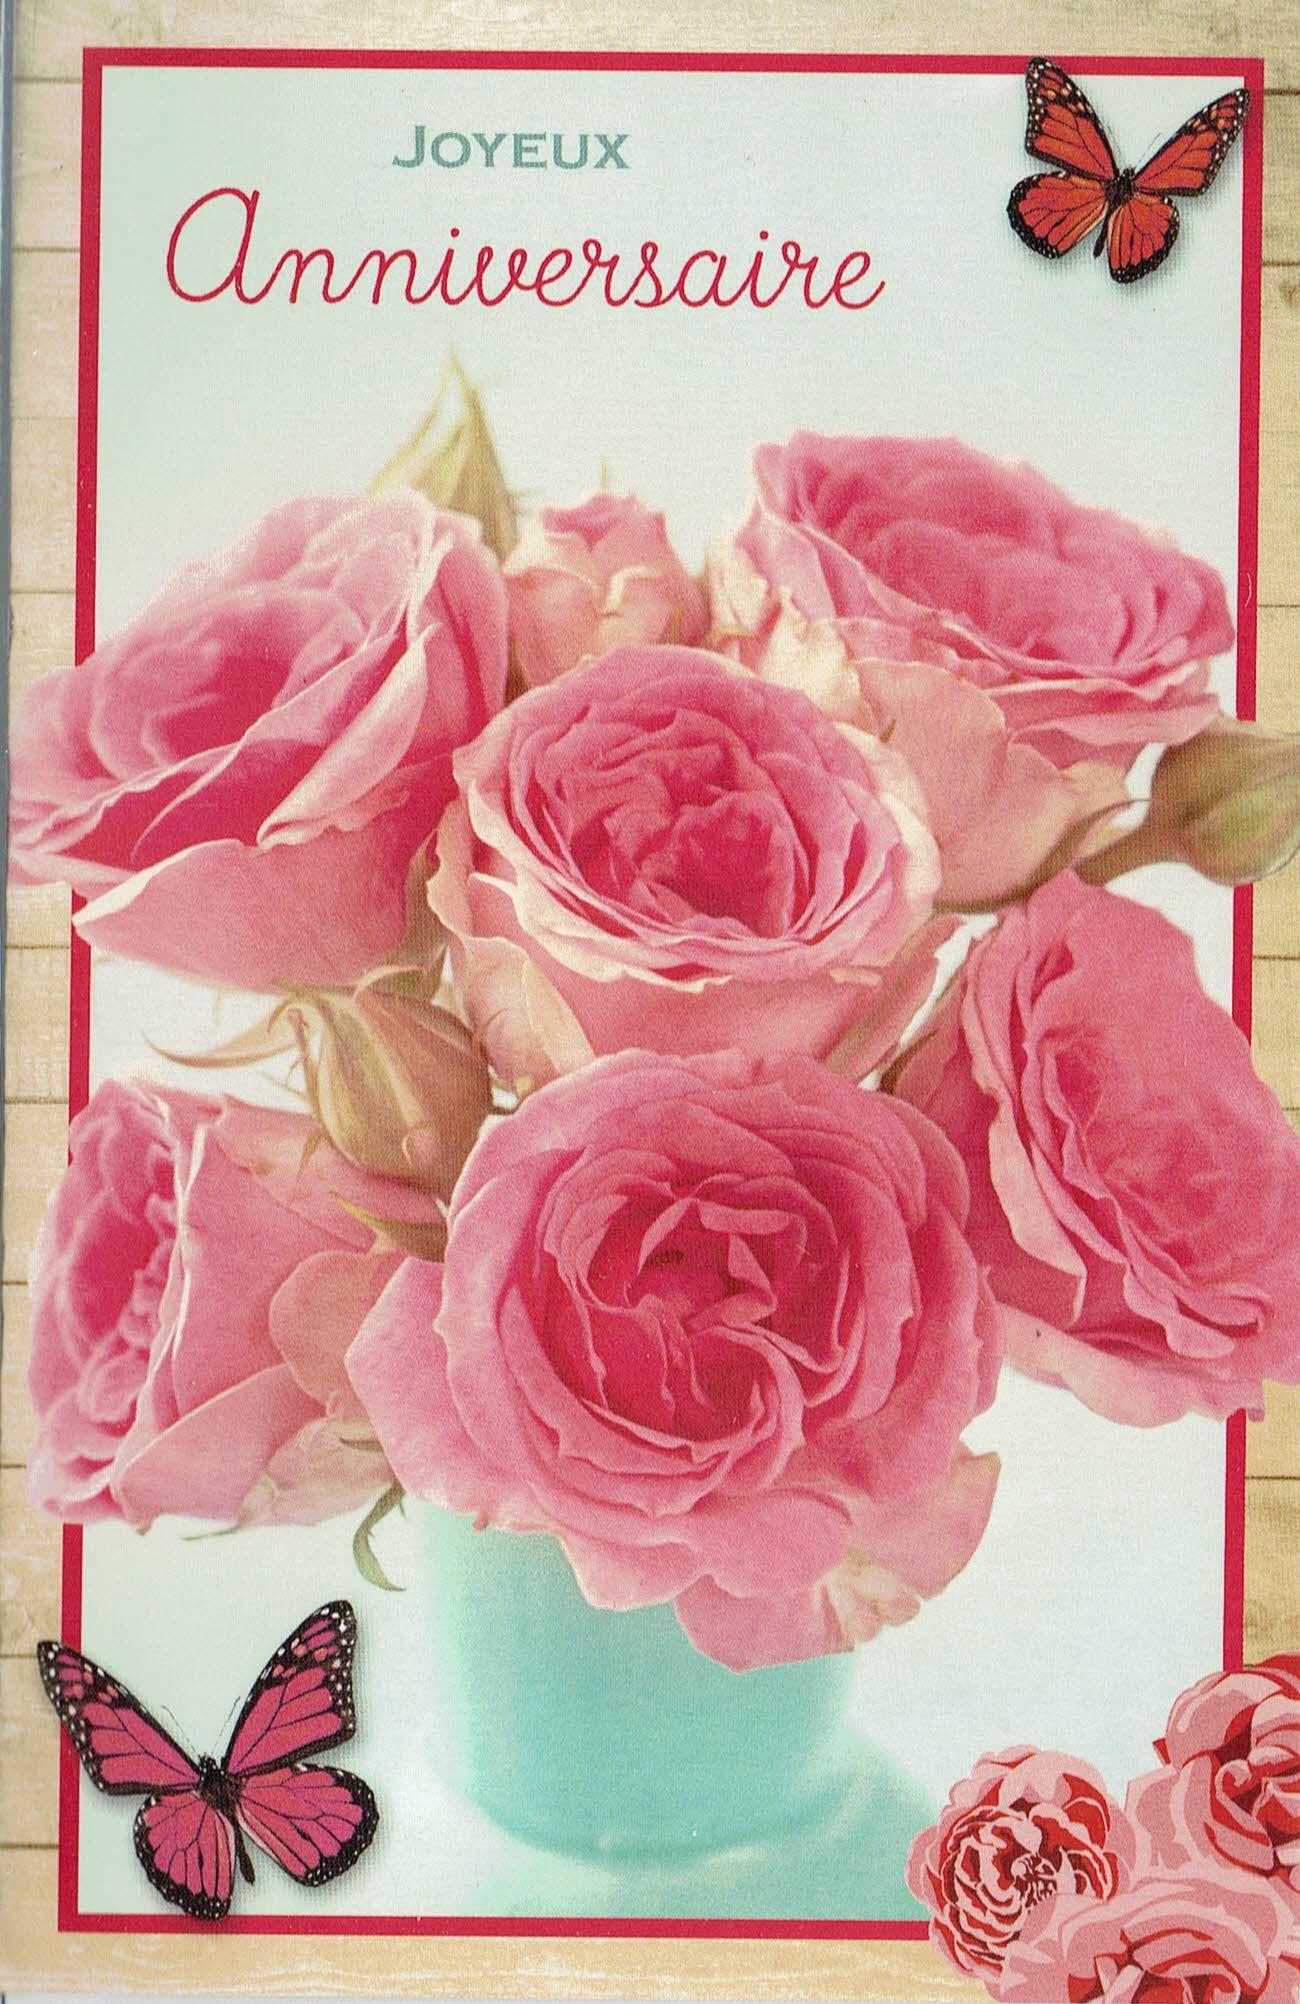 franse verjaardagskaart met roze rozen en vlinders met opschrift